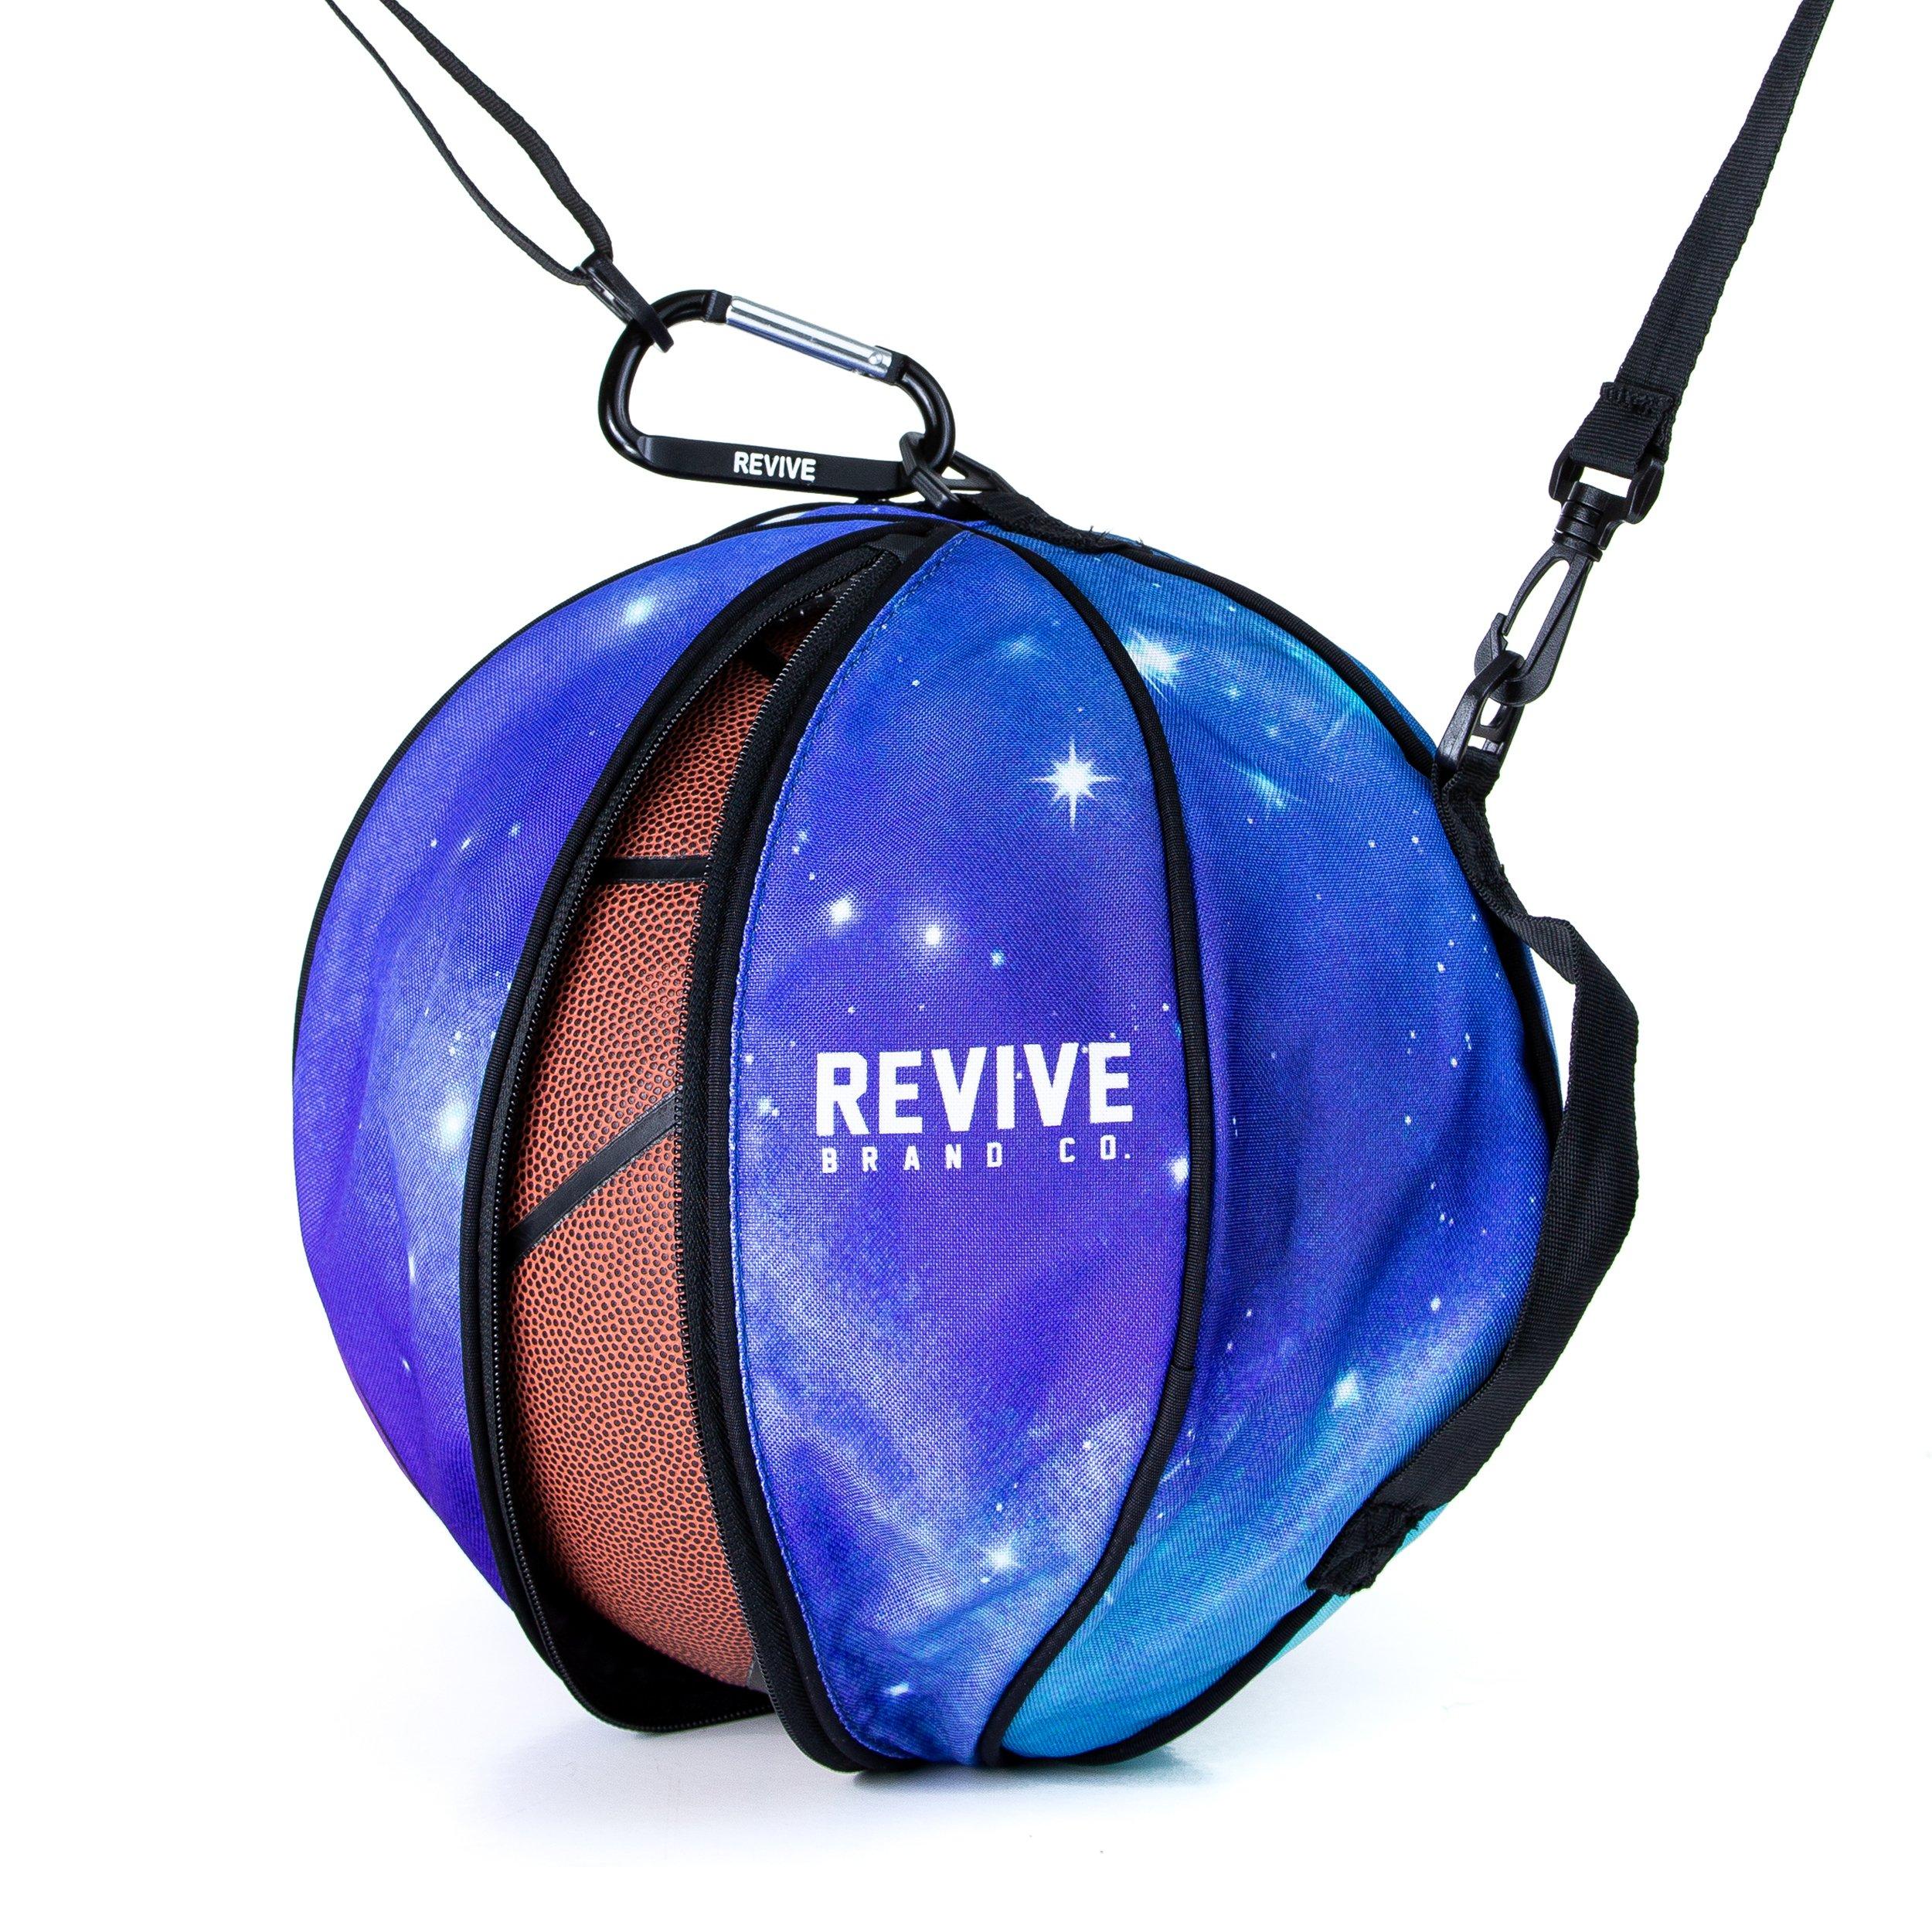 Revive Galaxy Light Game Bag Basketball Bag